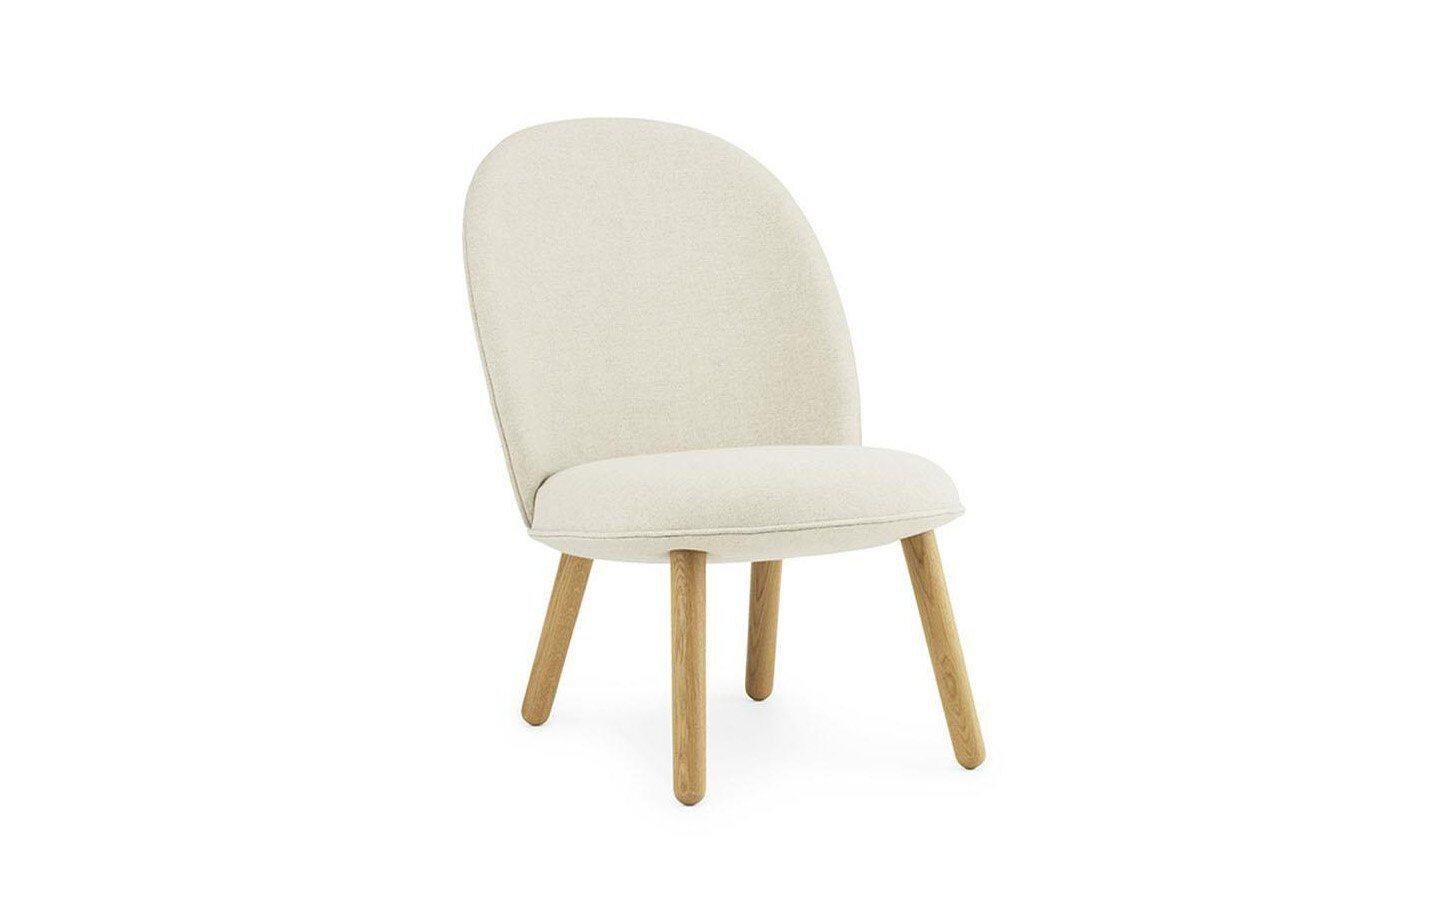 Ace-Lounge-Chair-Oak-Main-Line-Flax